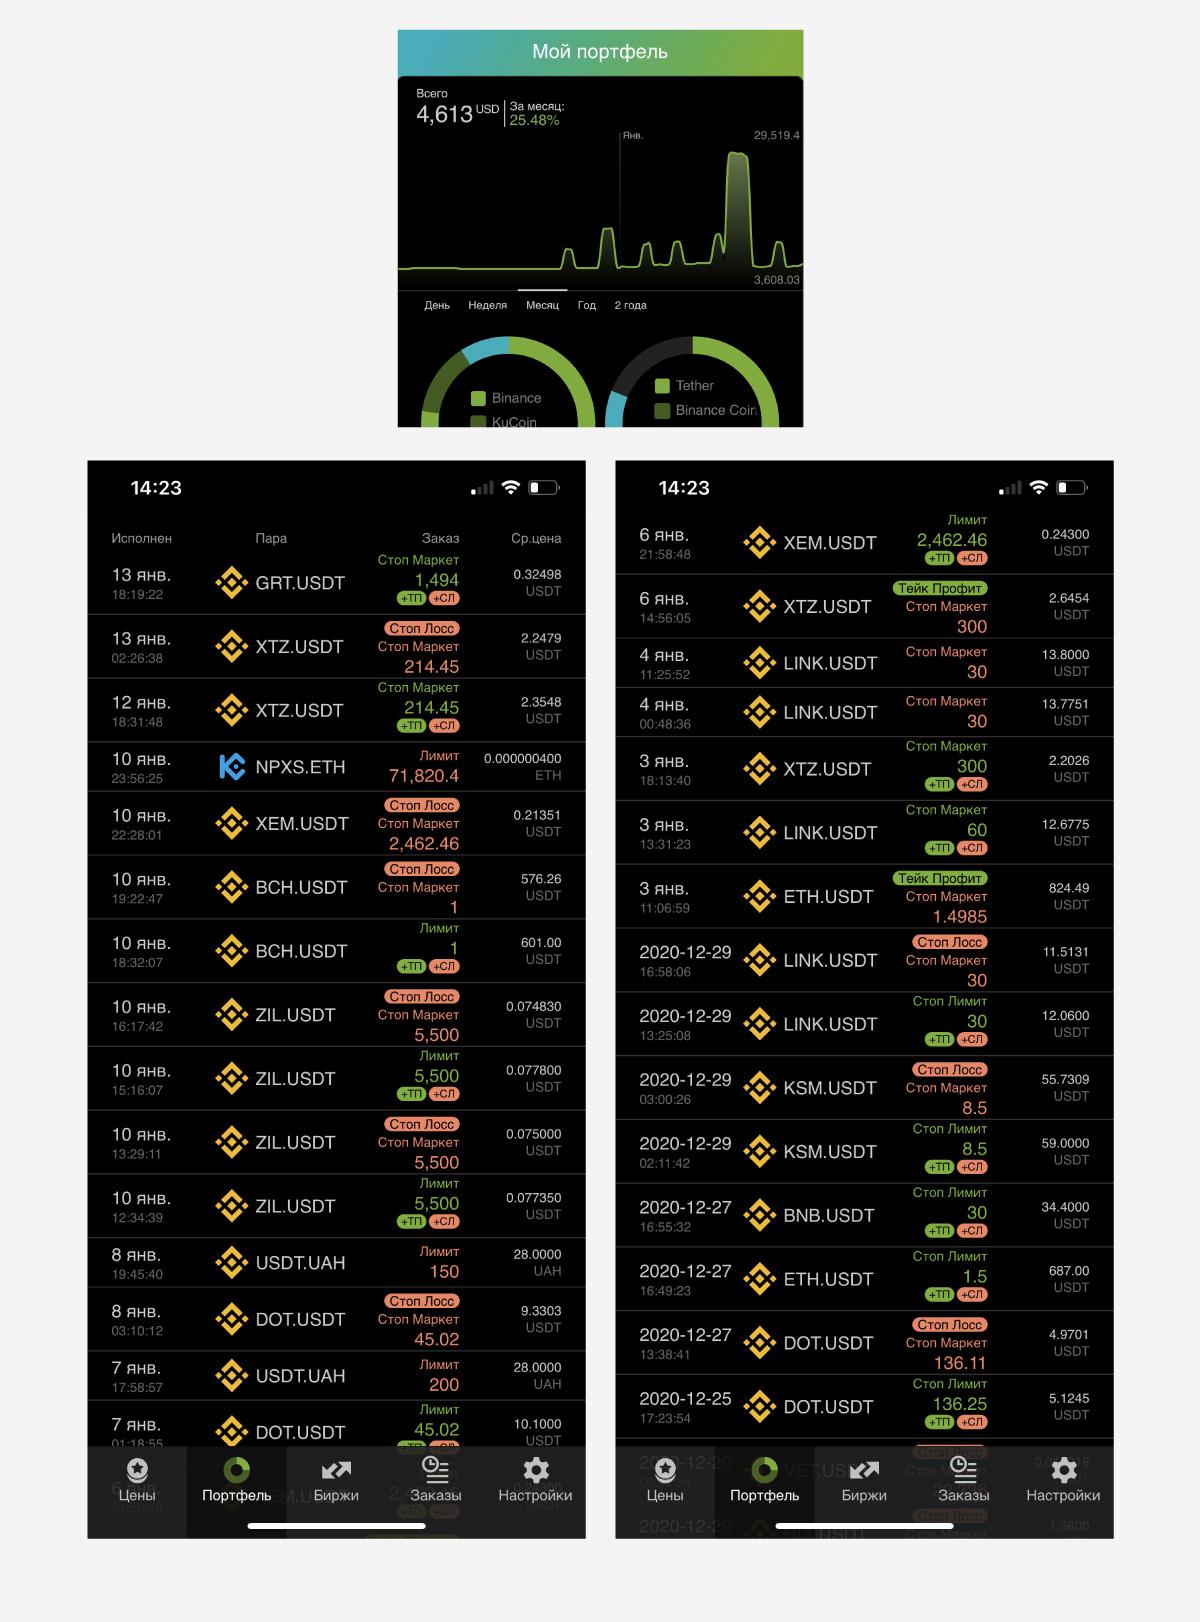 Приложение для отслеживания крипто портфеля, которое показывает все криптобиржи на одной странице